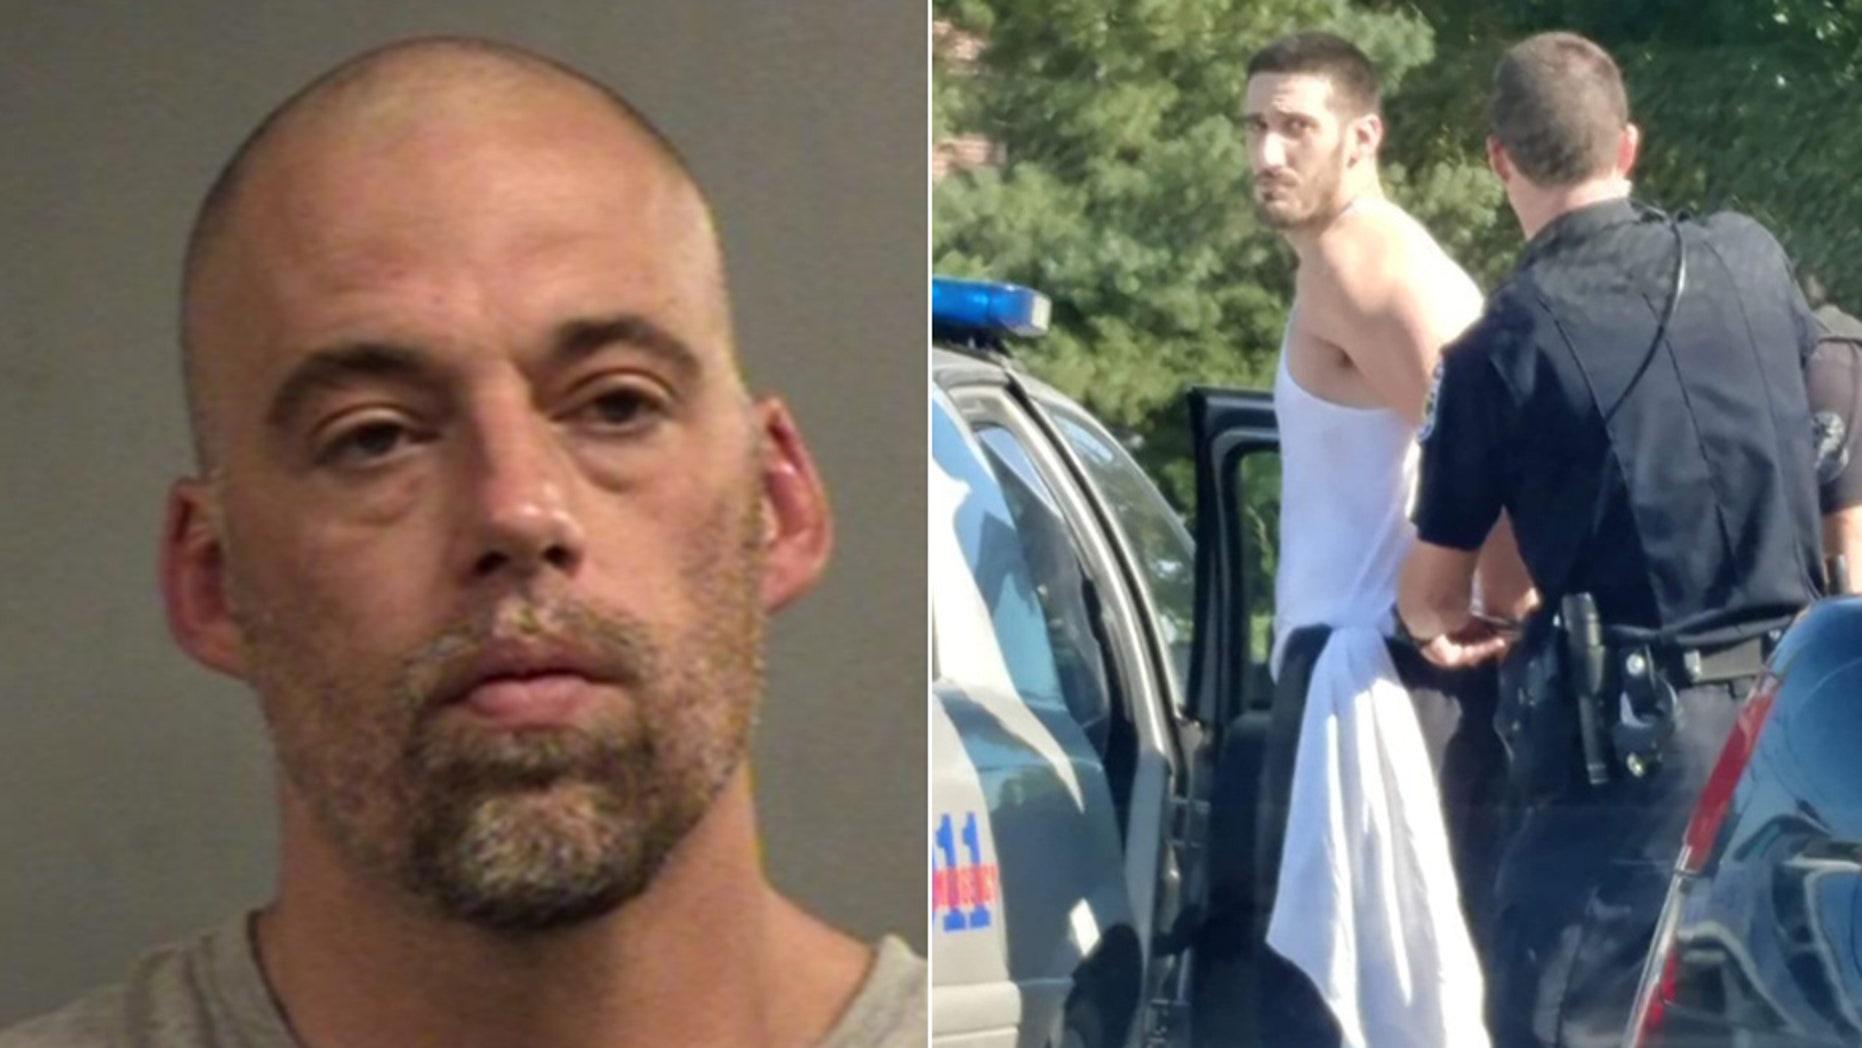 Jeremy Hunt, left, and Justin Stumler have been captured, police said.